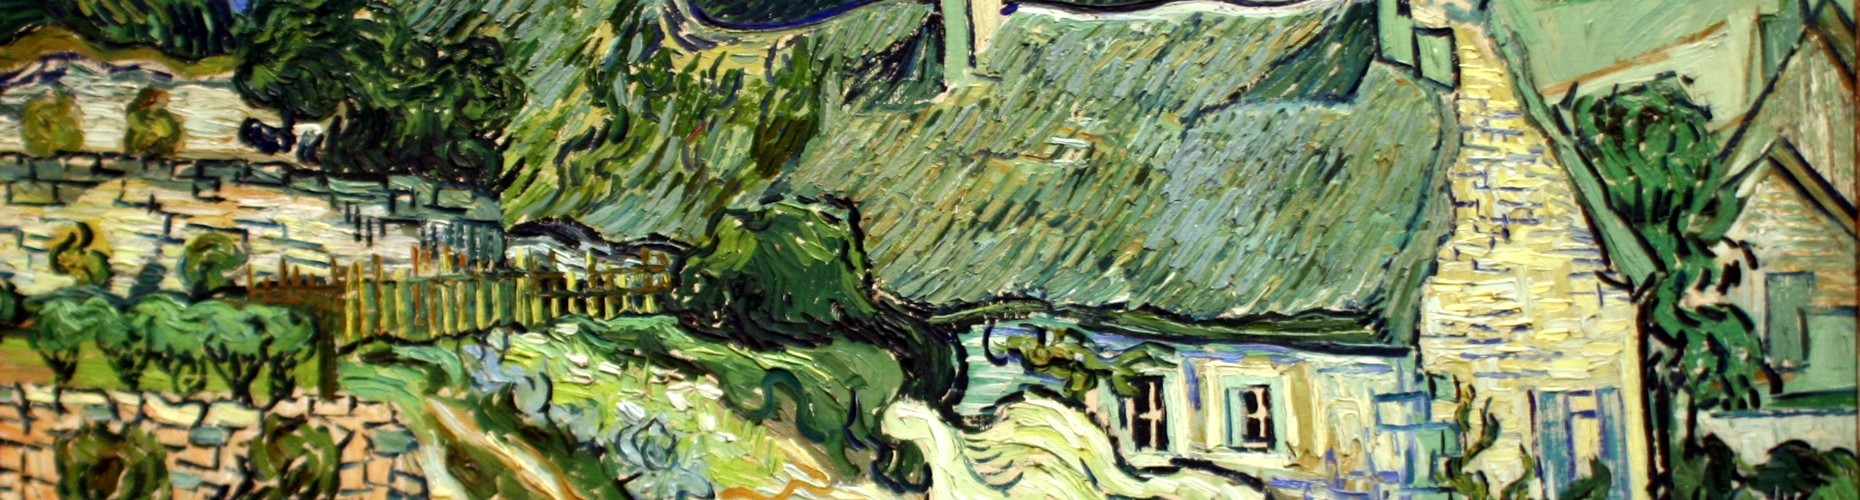 Painting by Van Gogh